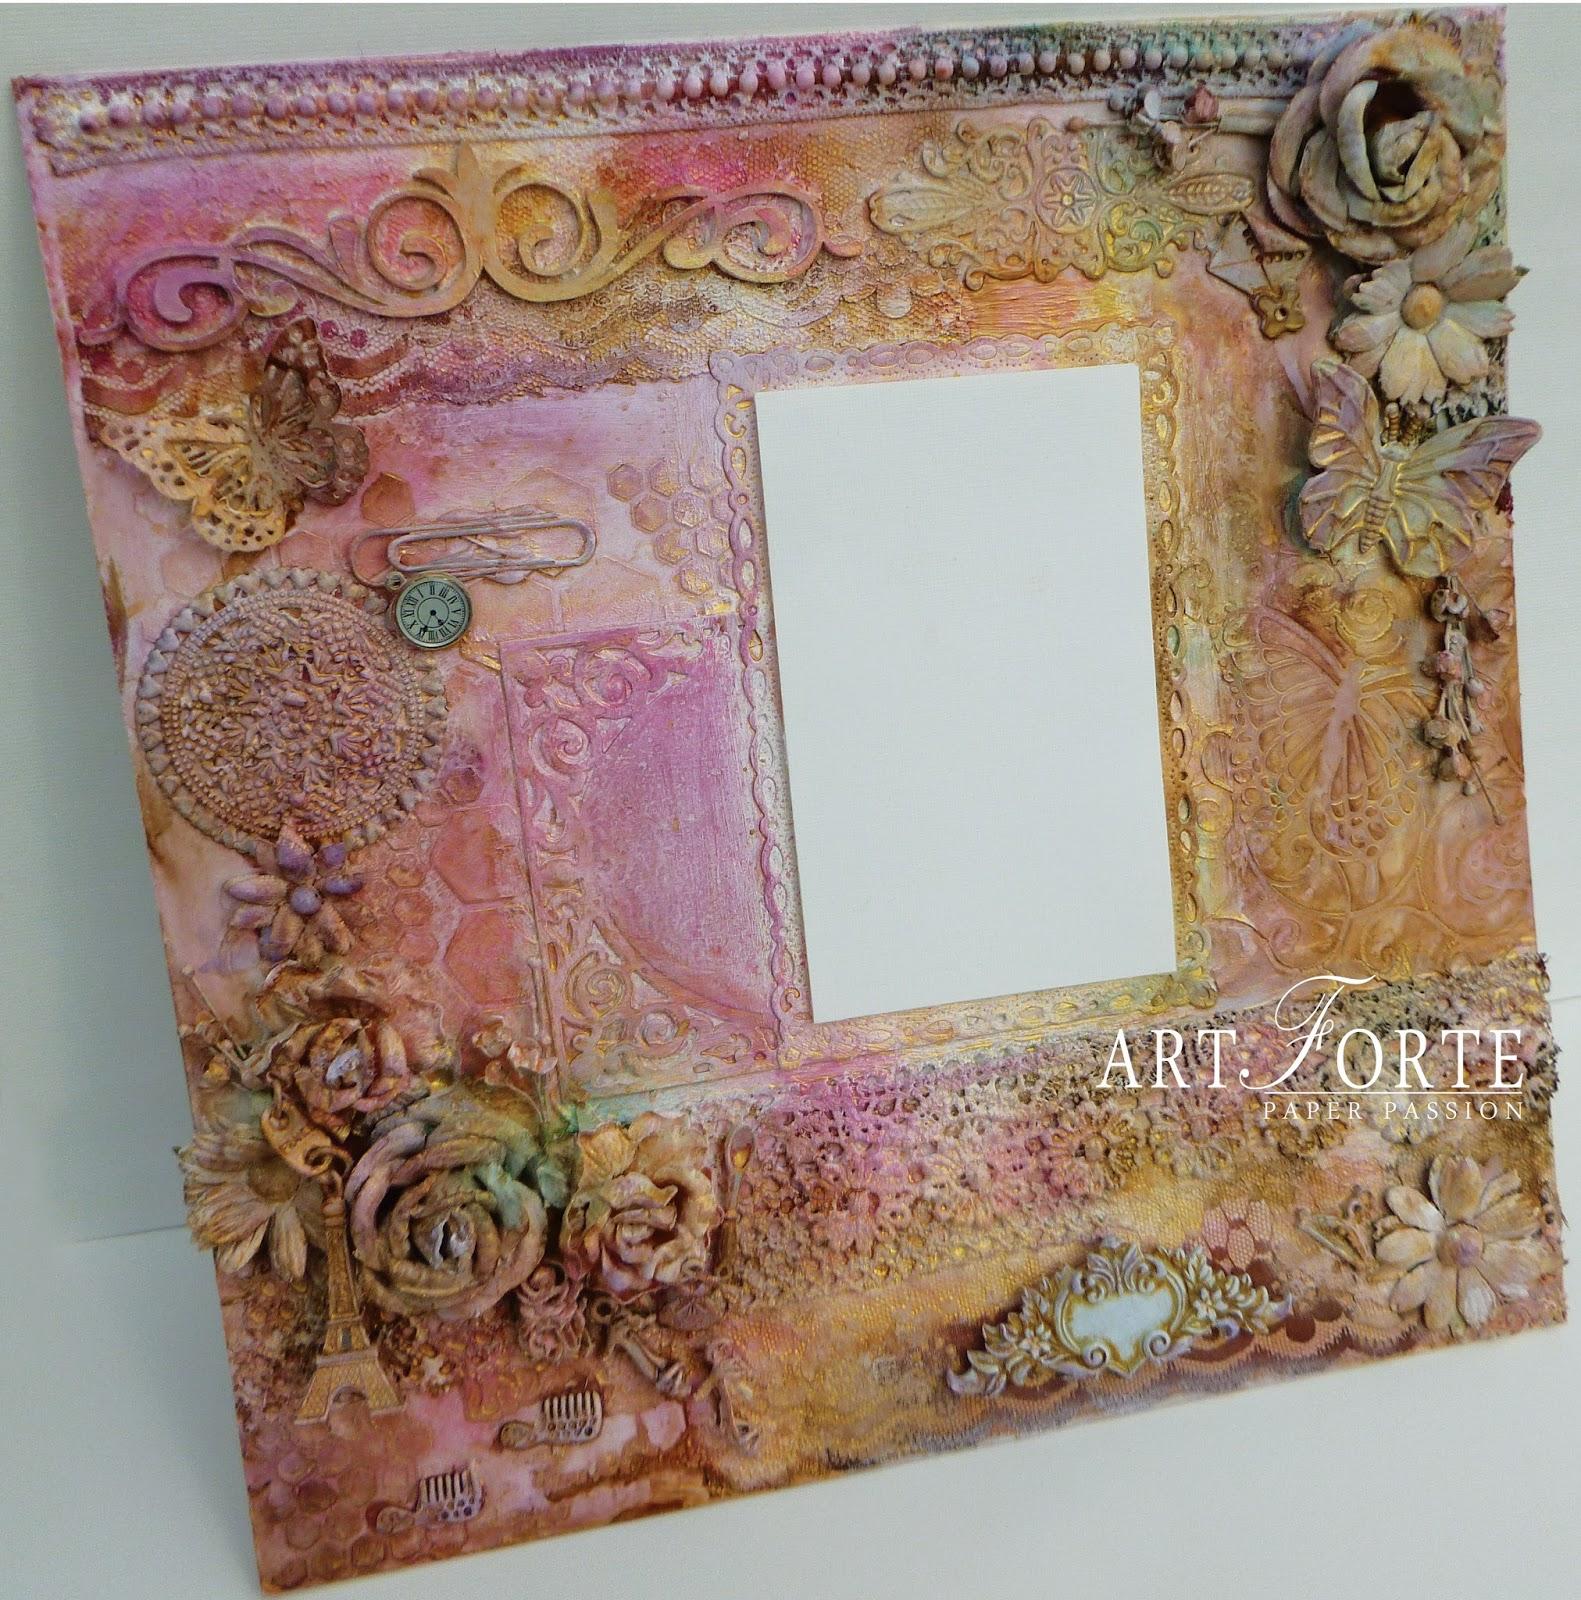 Artforte: 2013